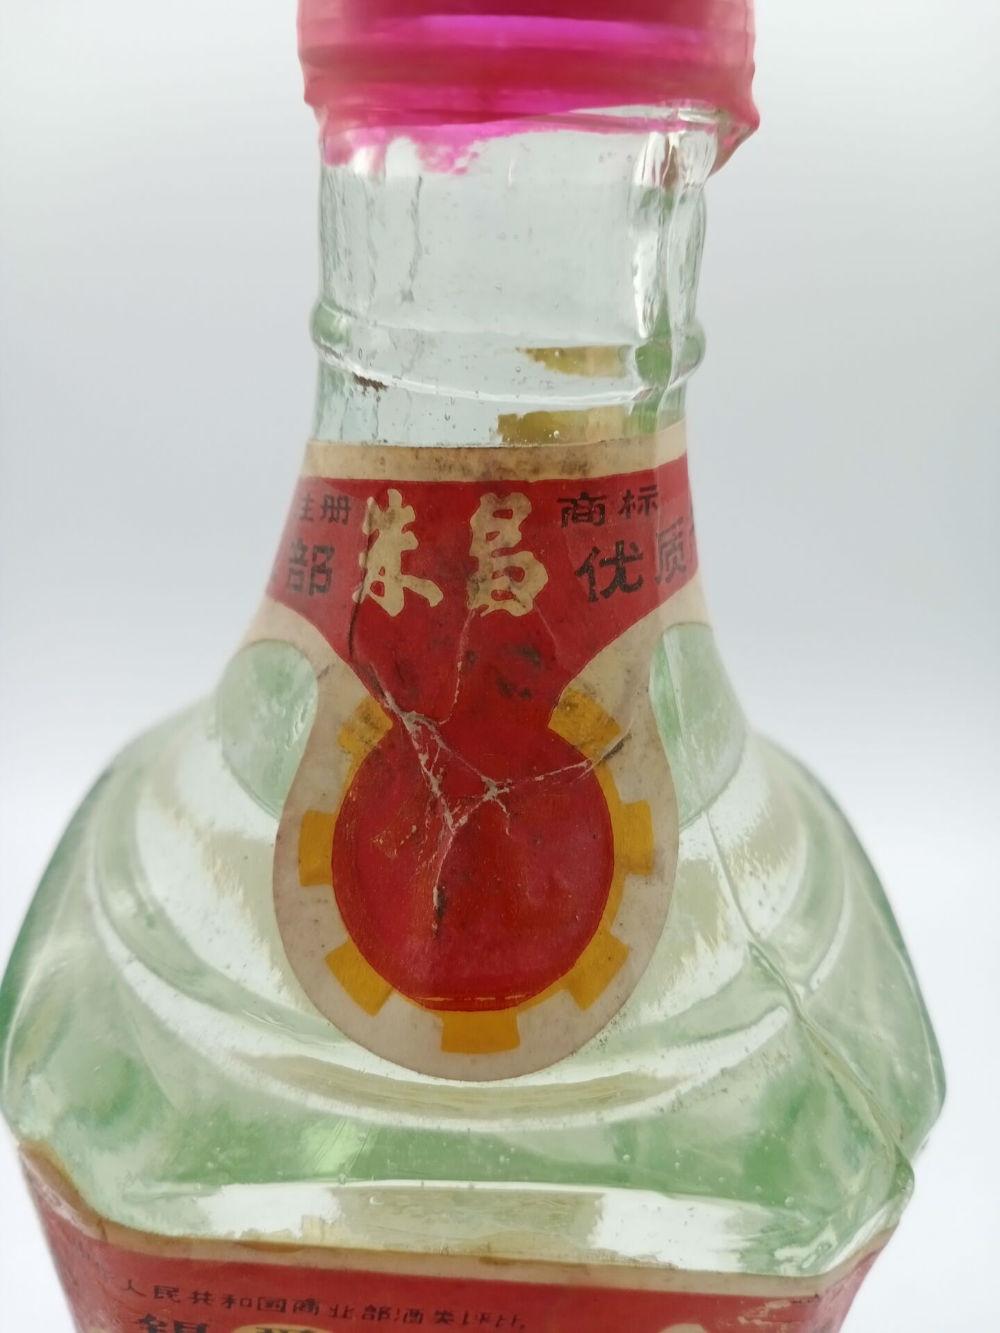 1987年贵州48优 朱昌窖酒